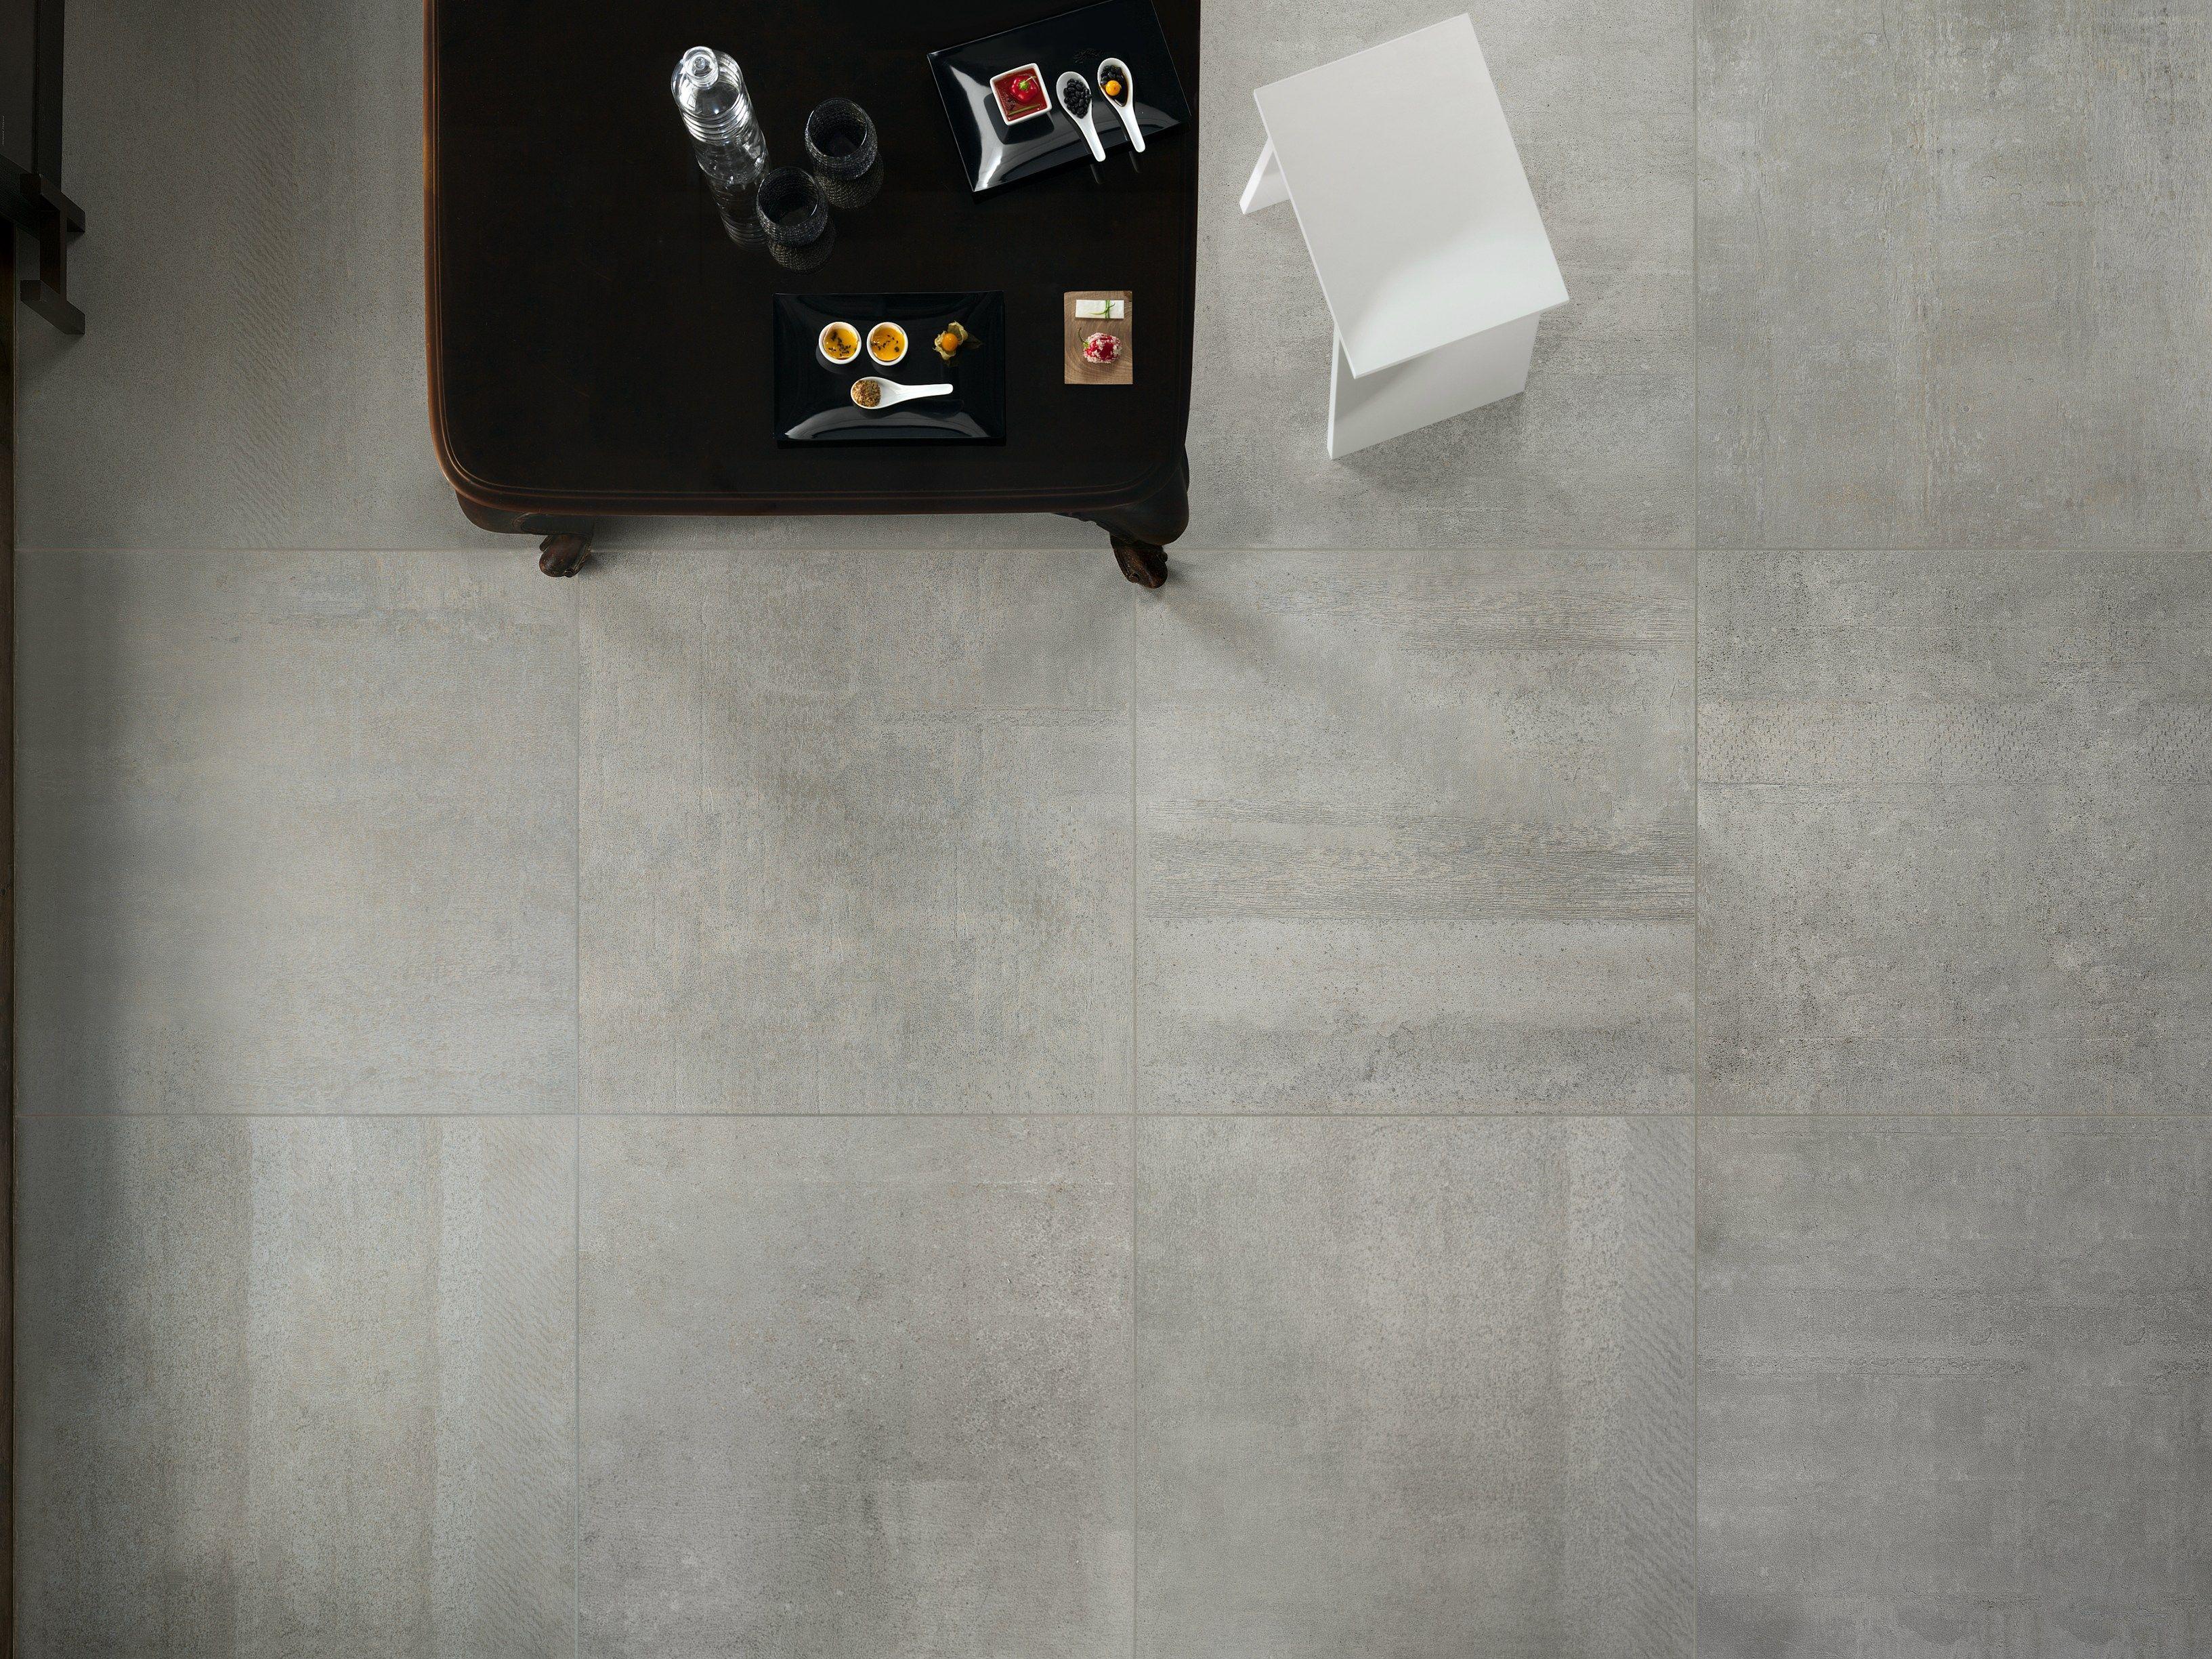 Pavimento in gres porcellanato effetto cemento IMPRESS GRIGIO Collezione Impress by ASTOR CERAMICHE